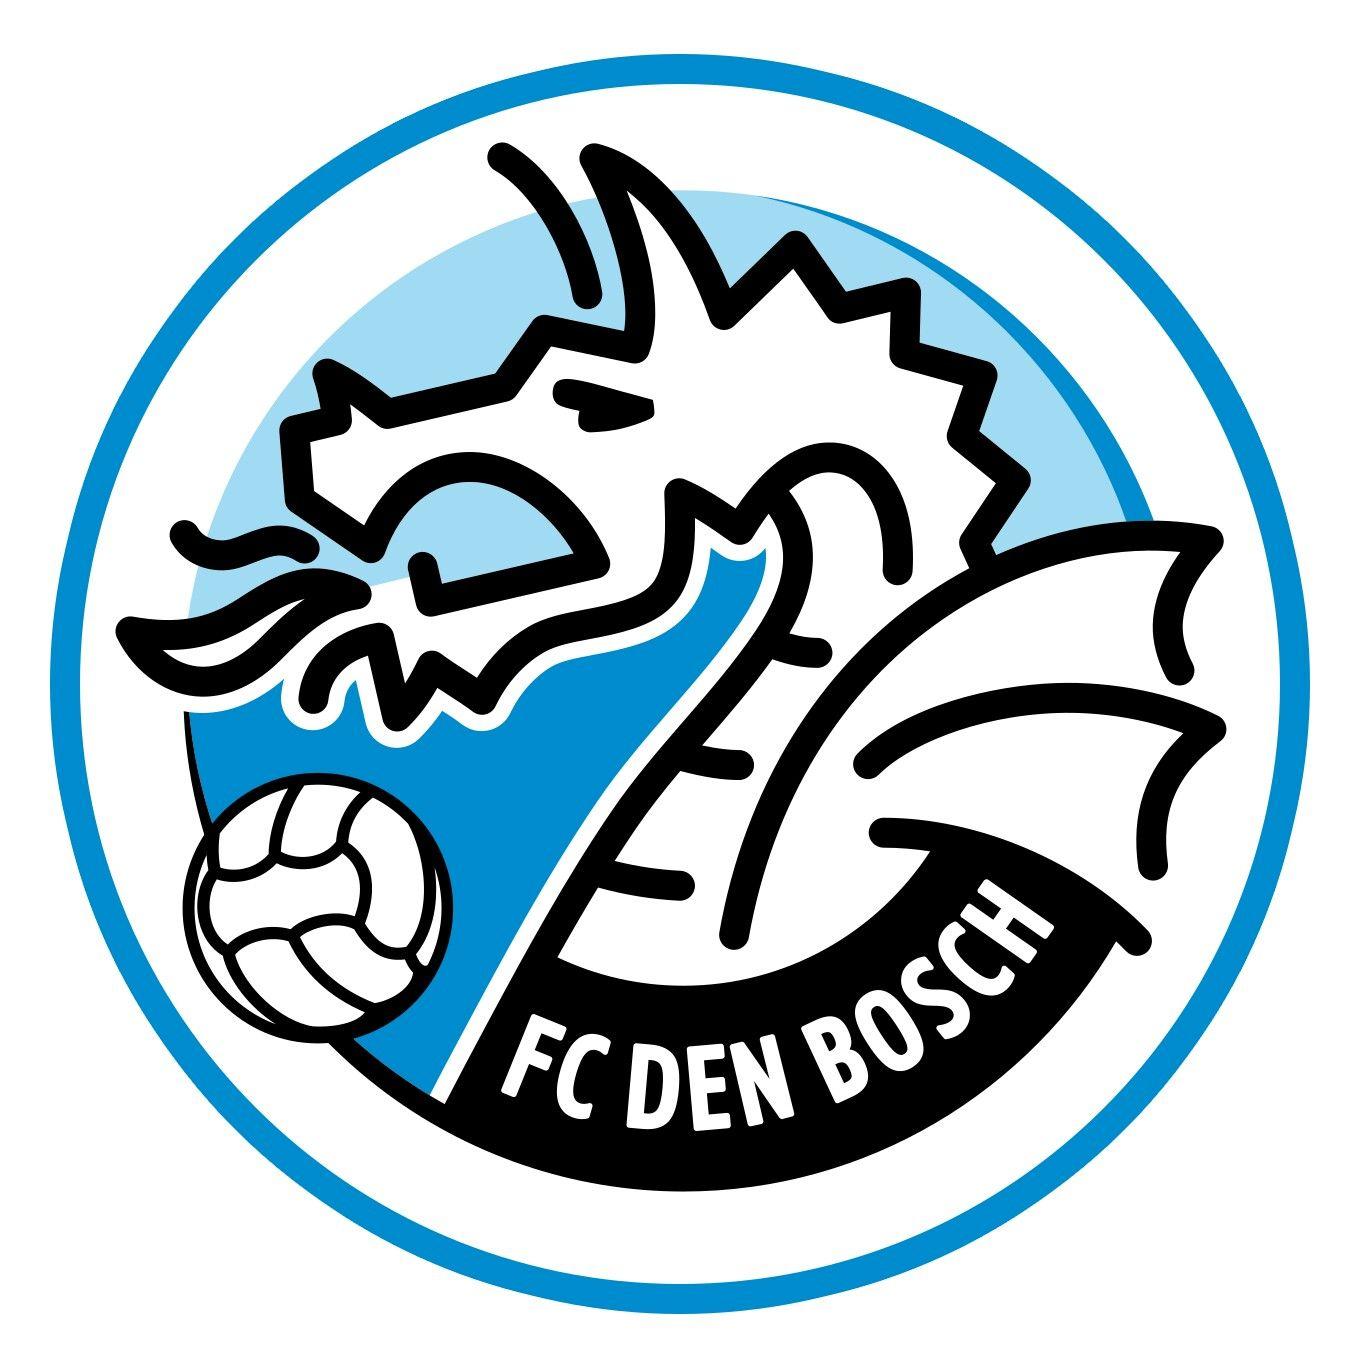 F C Den Bosch Football Team Logos Football Logo Logos